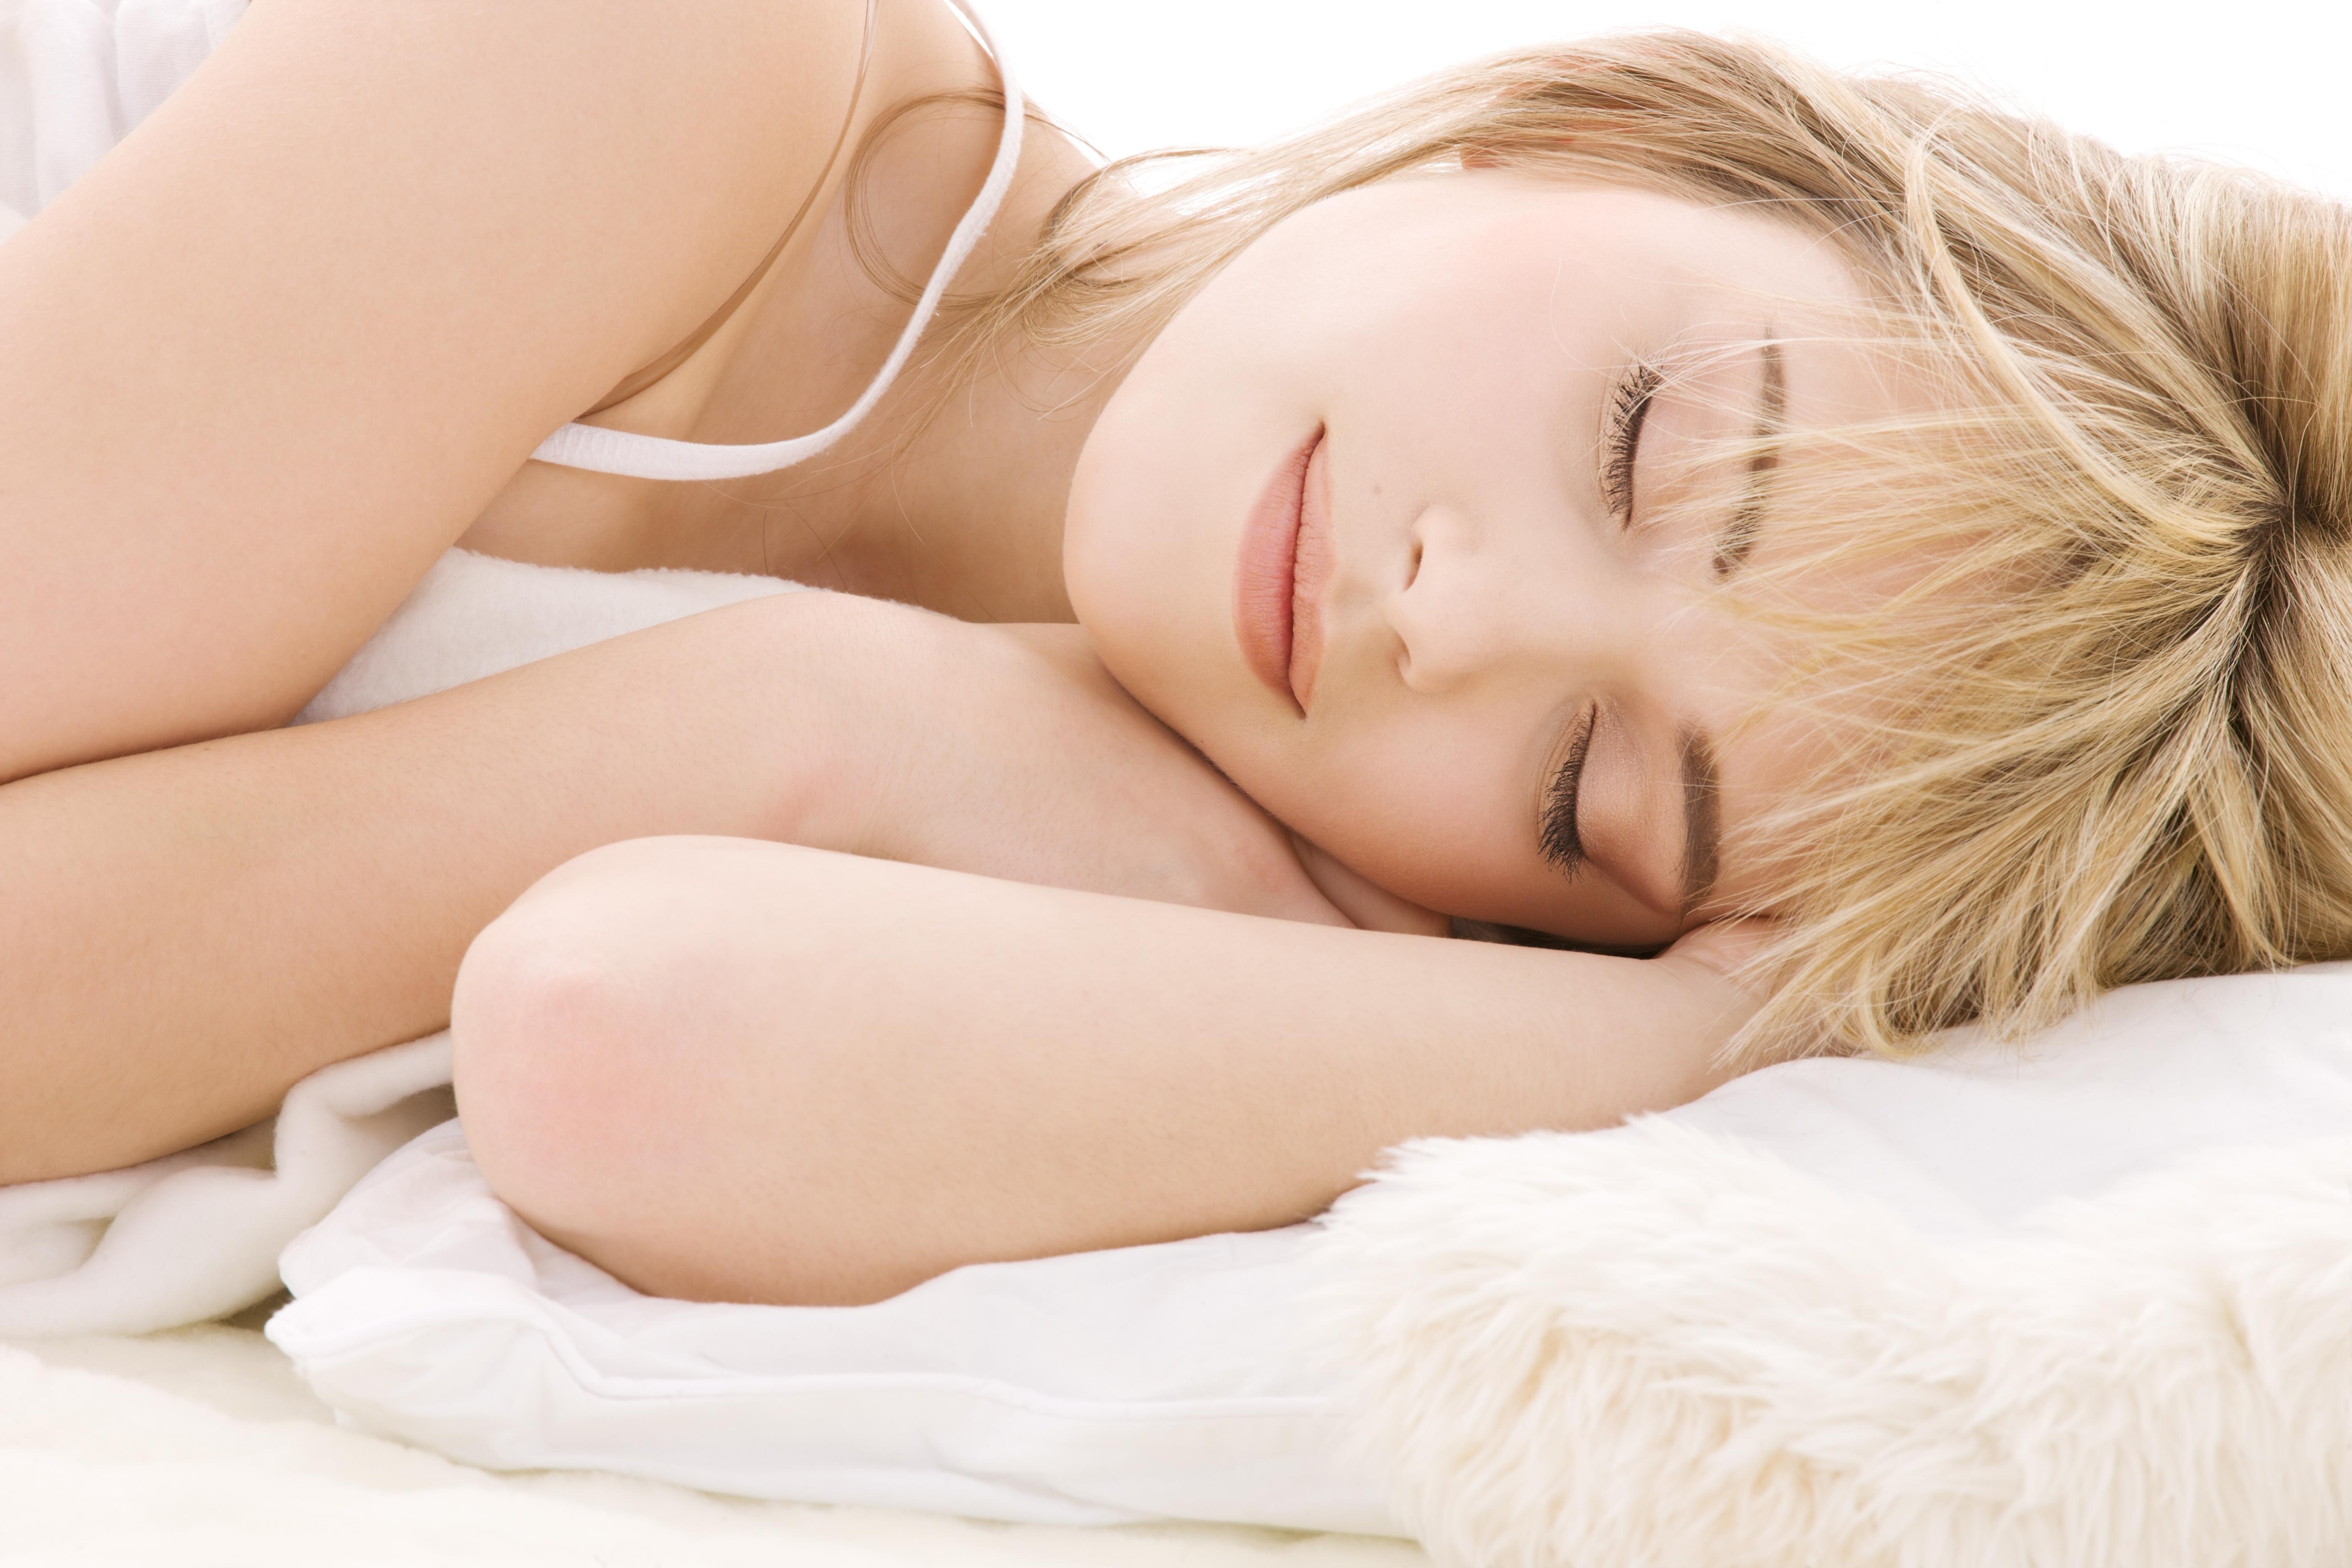 Эротические сны девочки 13 фотография